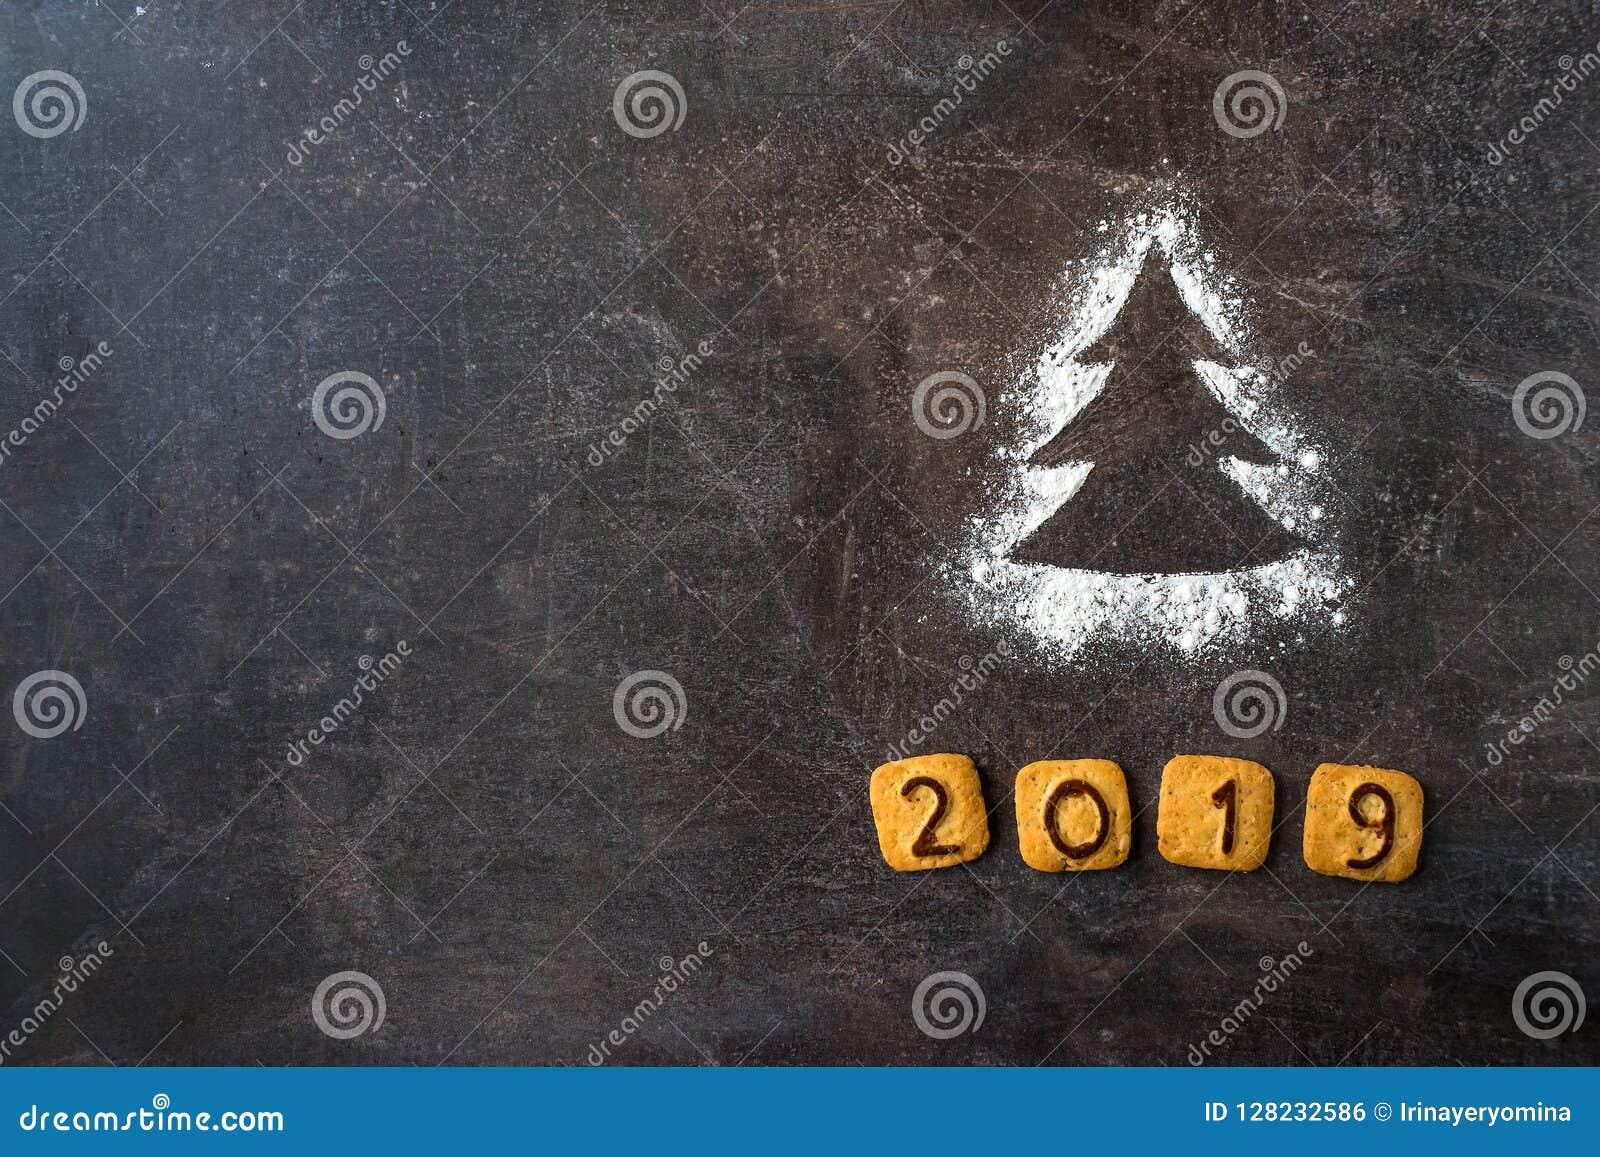 Flour рождественская елка силуэта с числами 2019 печений на темноте